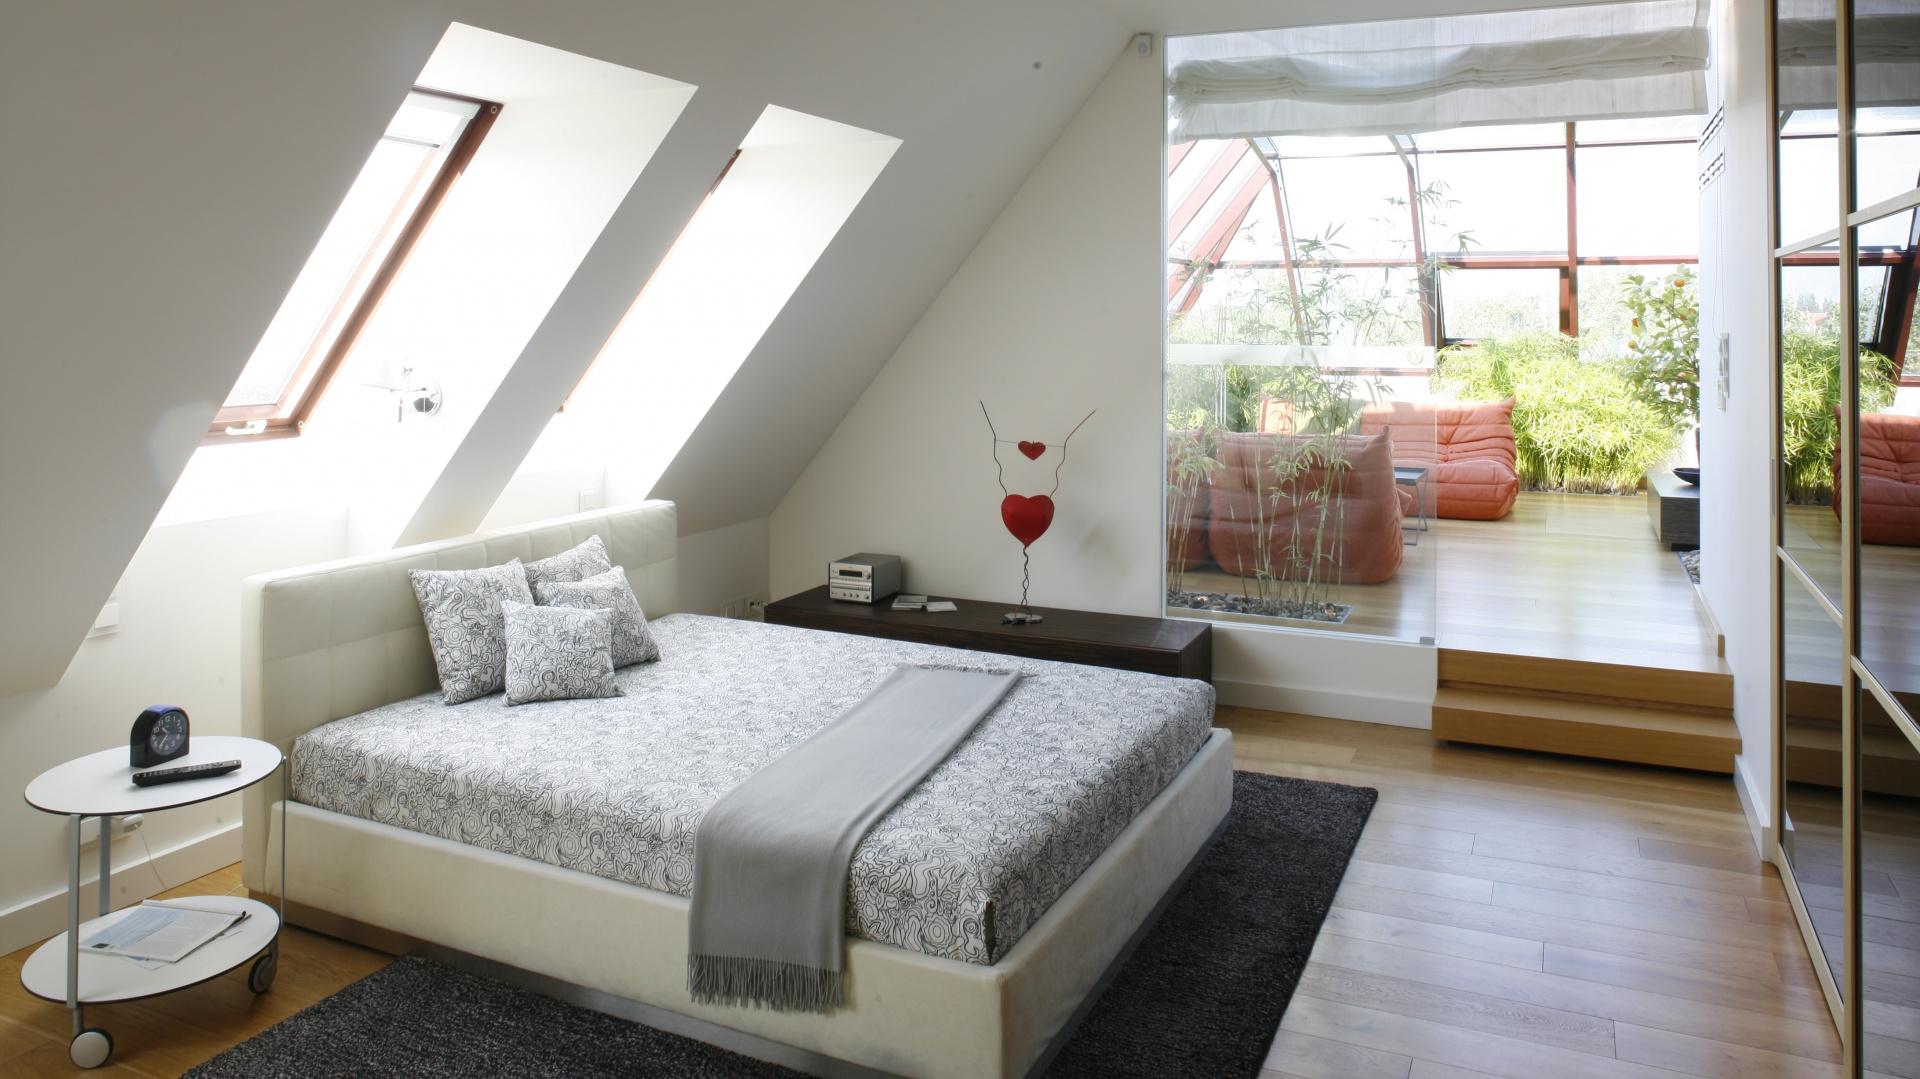 Aby optycznie powiększyć...  Sypialnia na poddaszu. 5 ciekawych aranżacji  Strona: 3